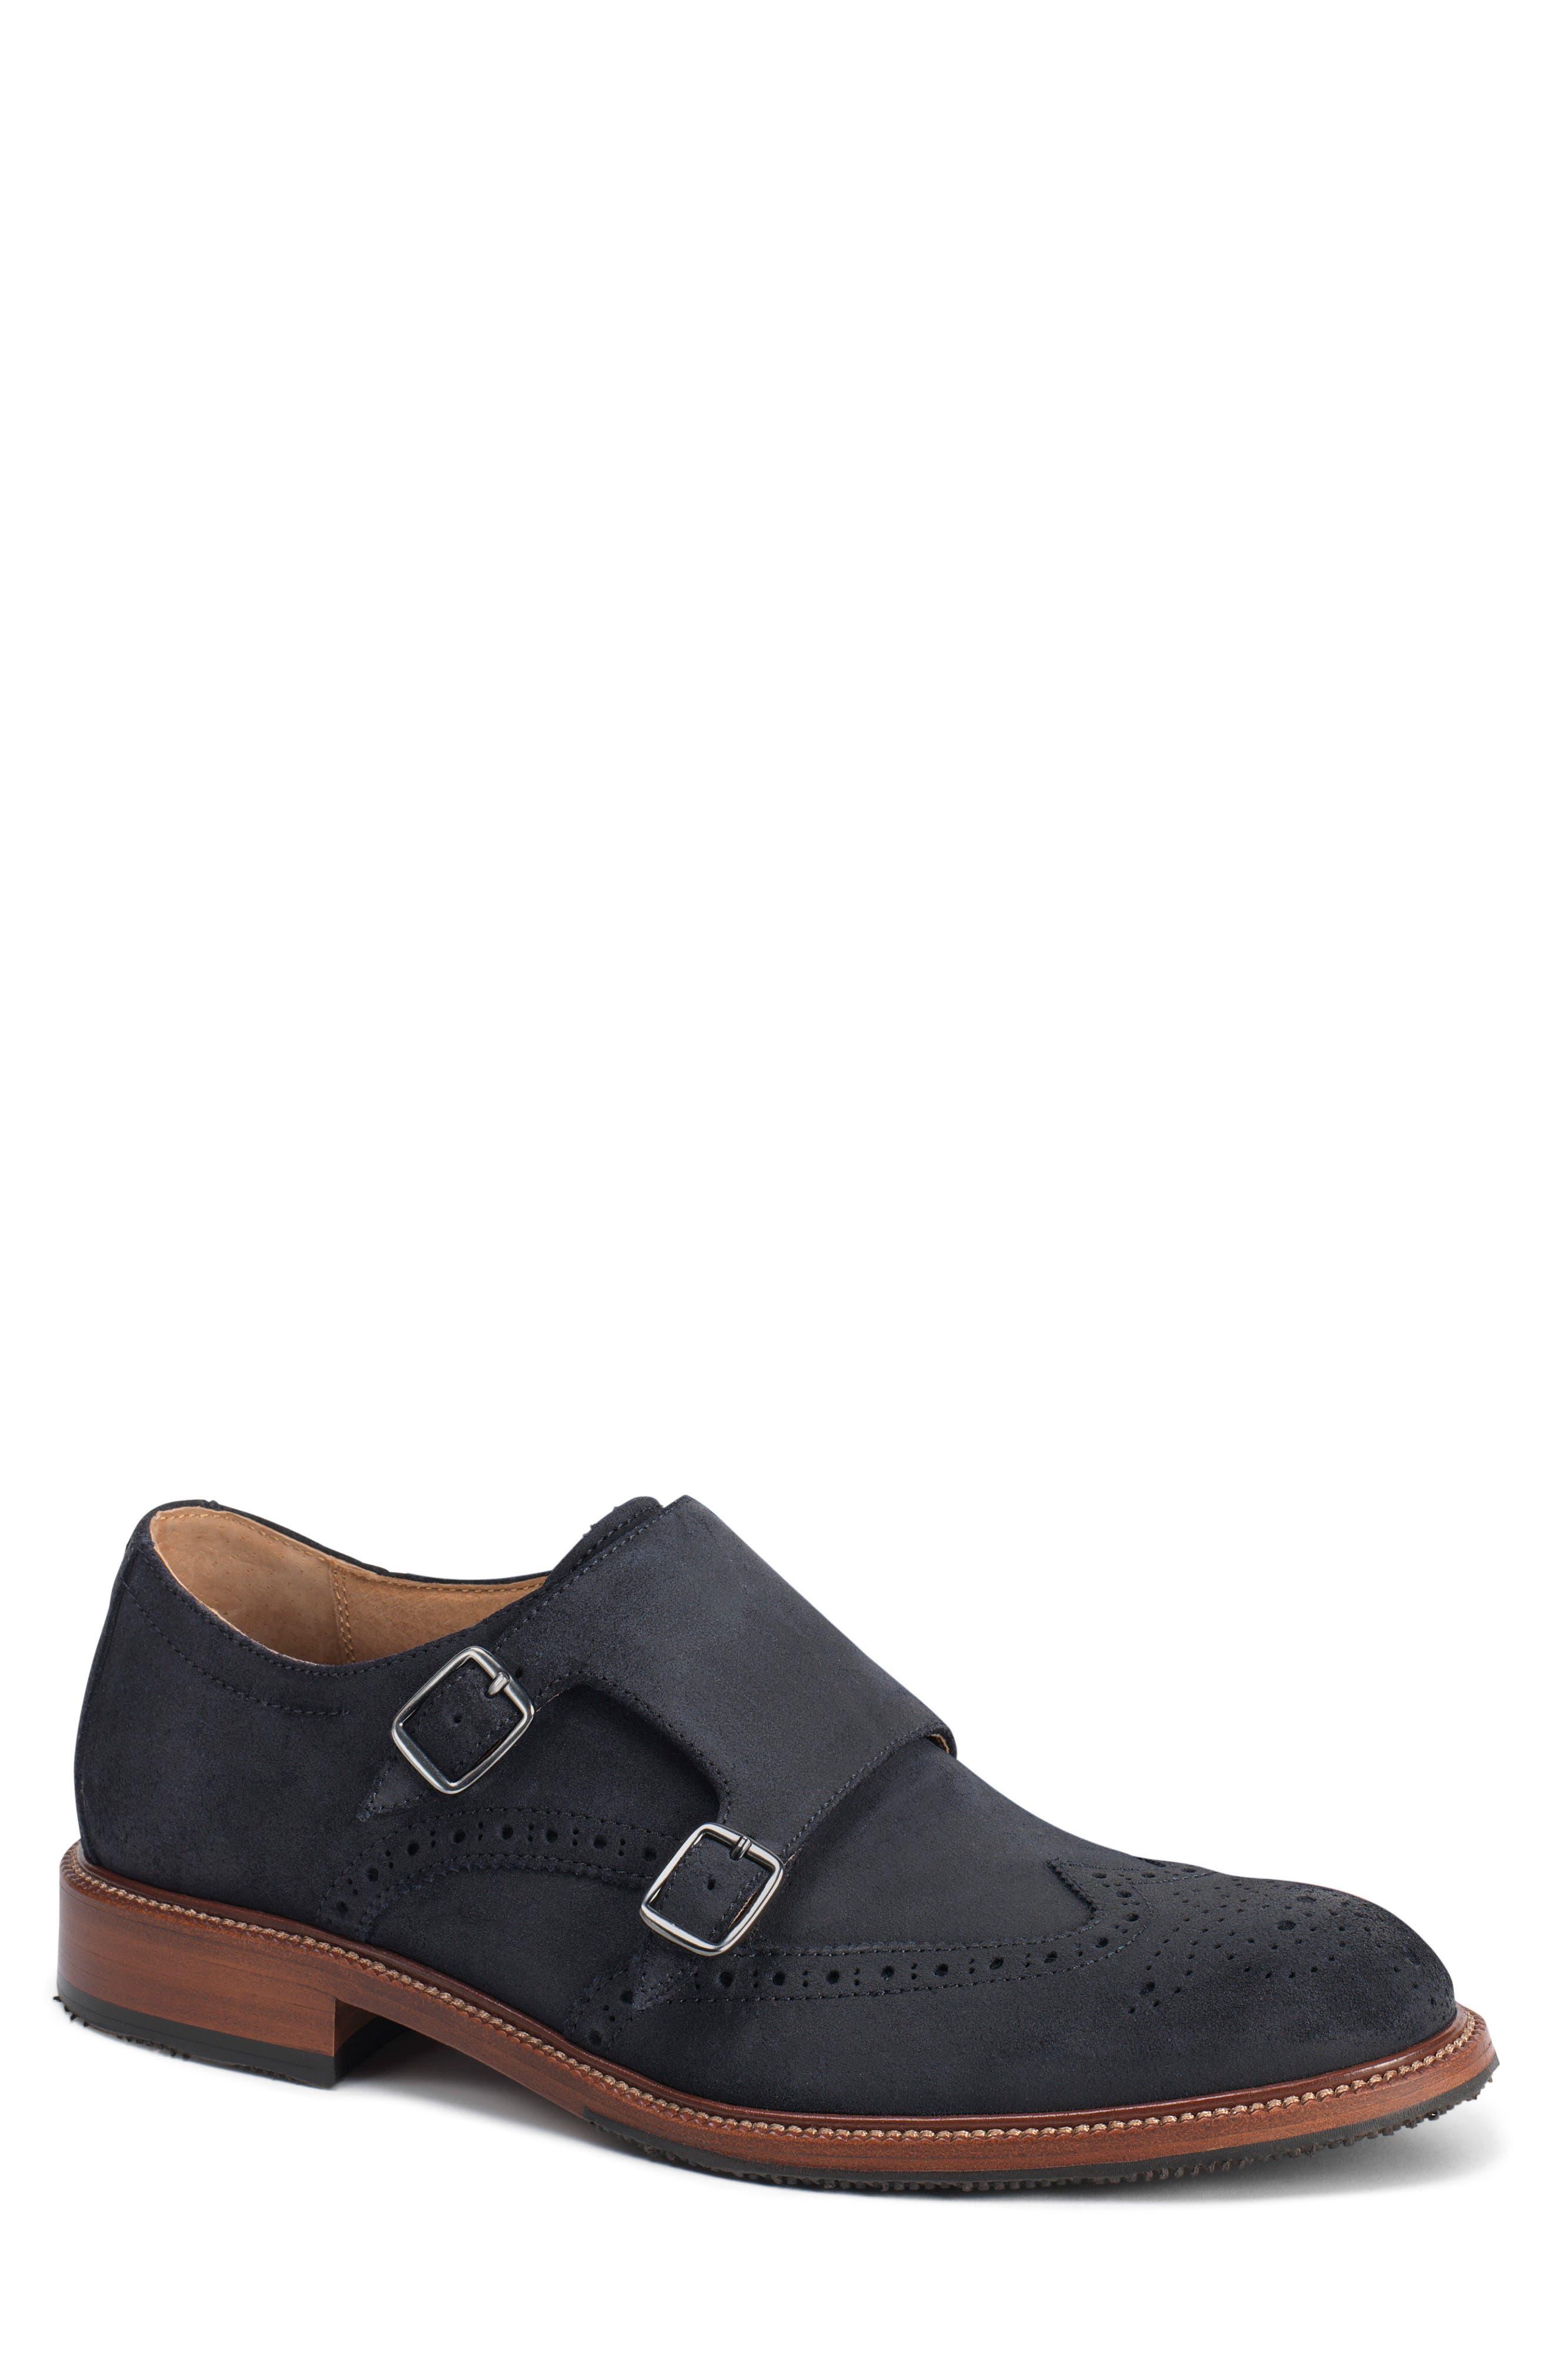 Image of Trask Leland Double Monk Strap Shoe